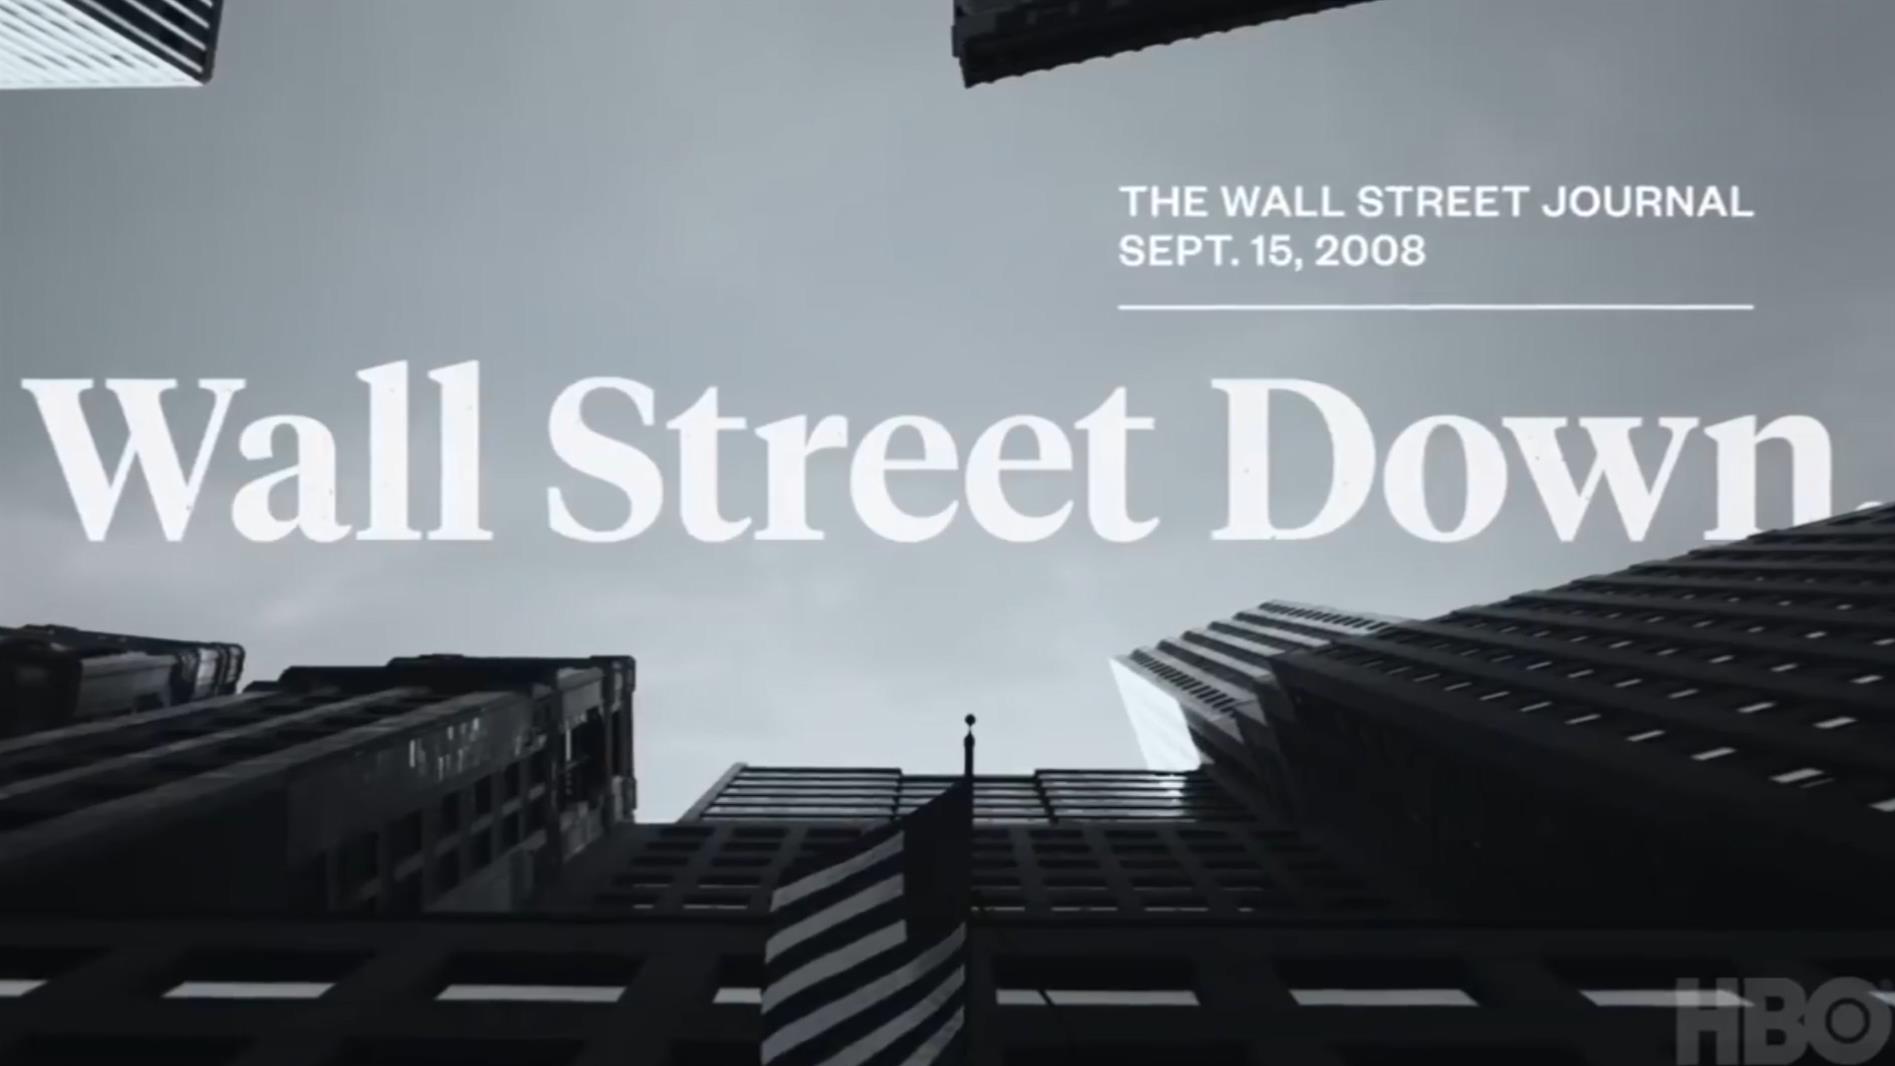 恐慌!2008年的金融危机全记录 | HBO